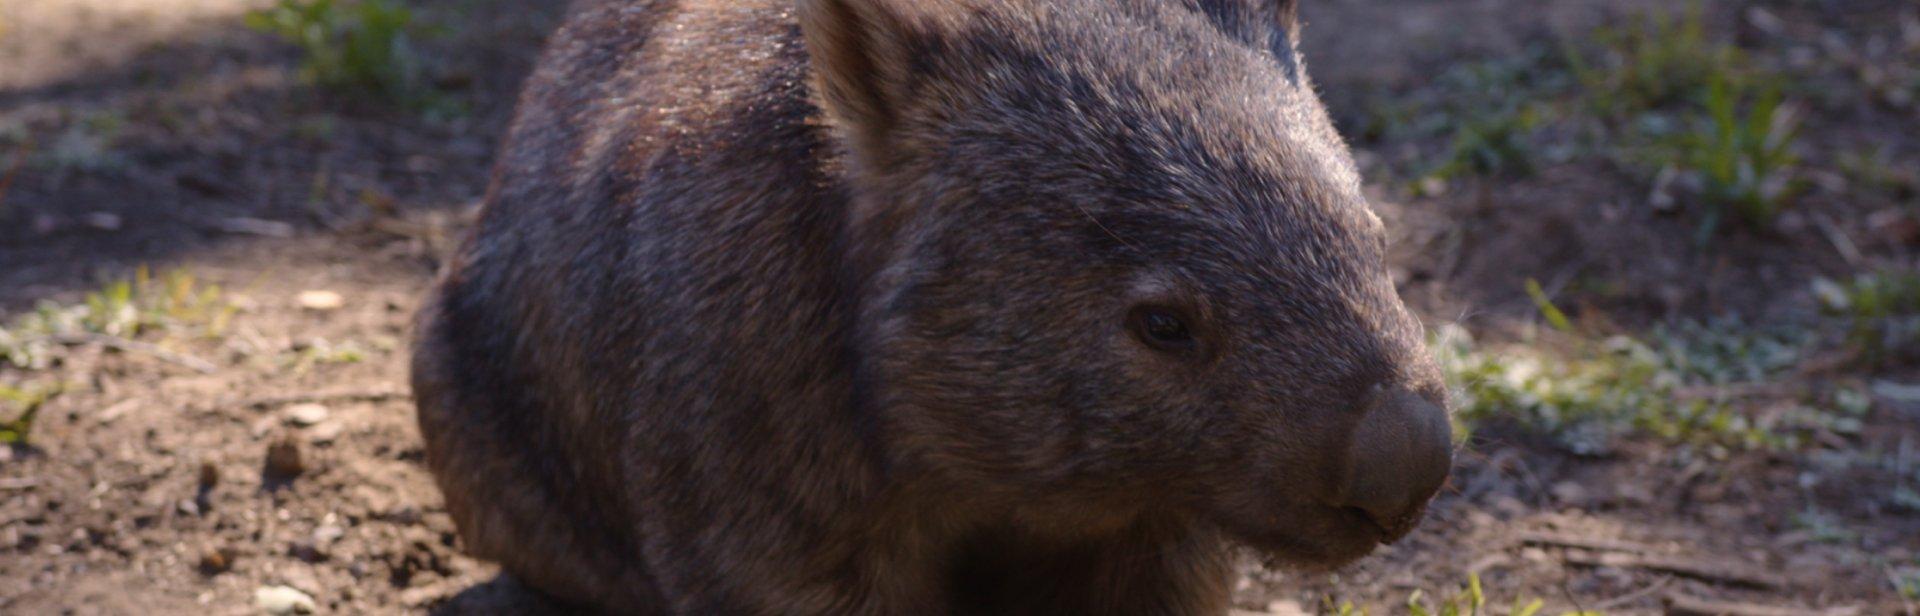 Australian Wildlife Sanctuary